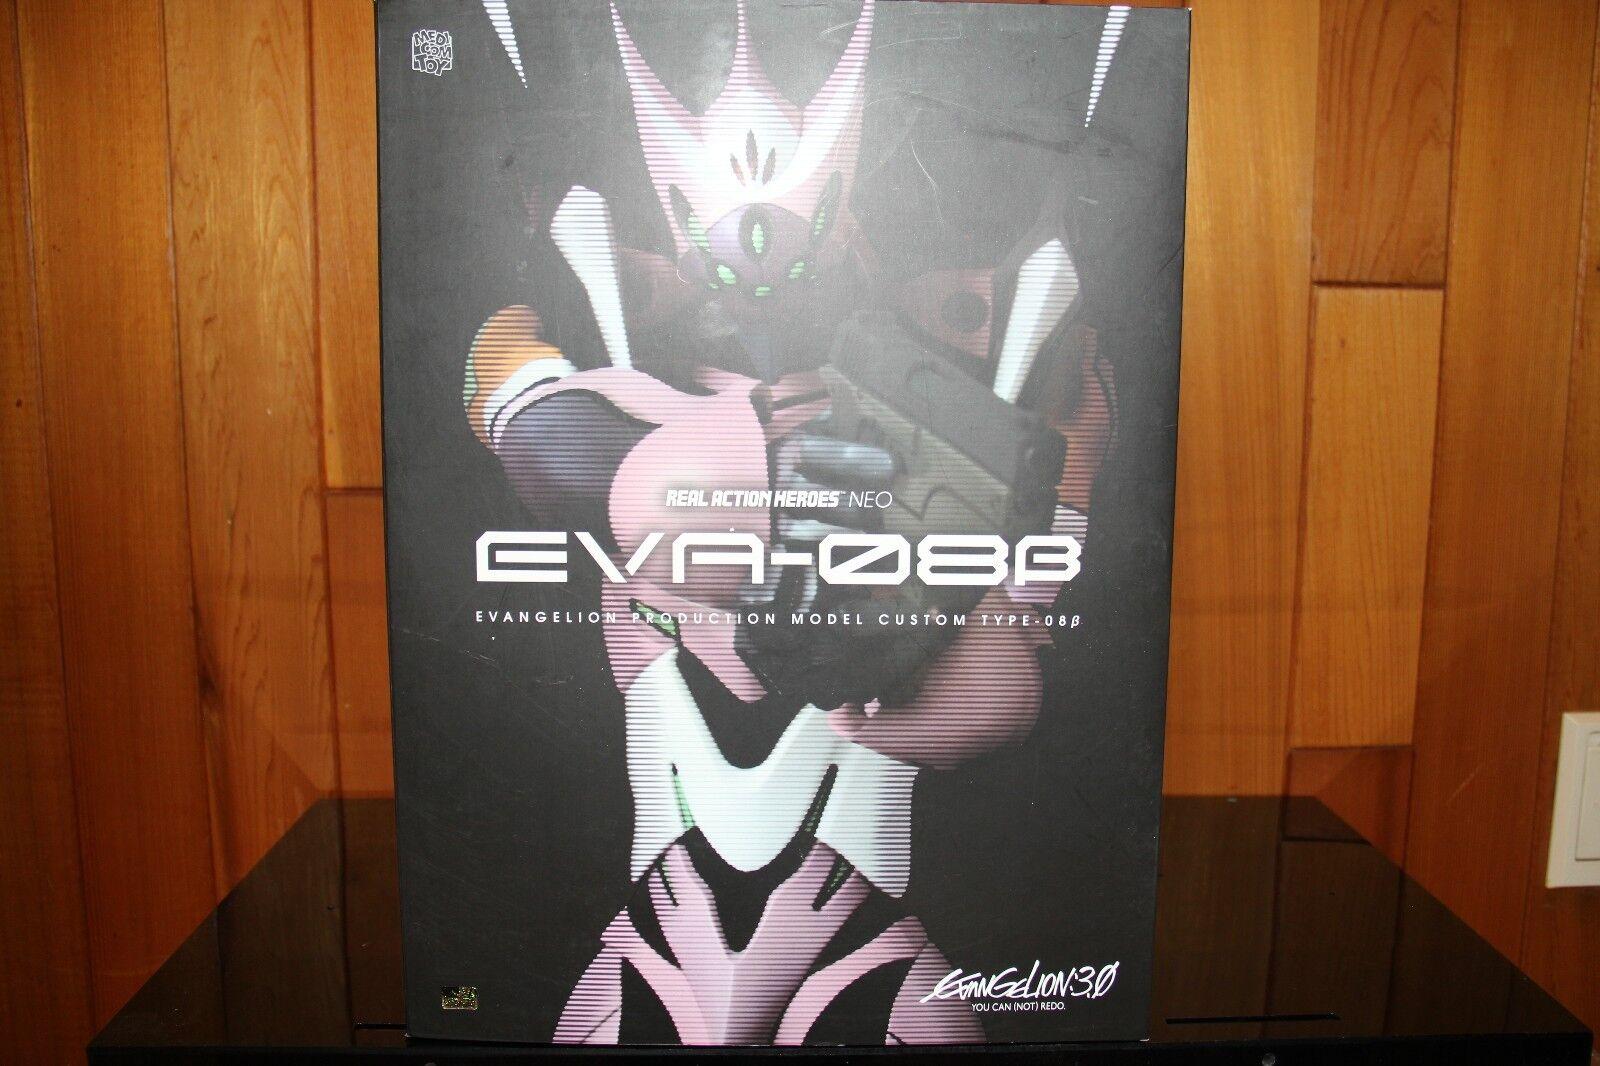 Héroes de acción real Neo Evangelion Eva-08B